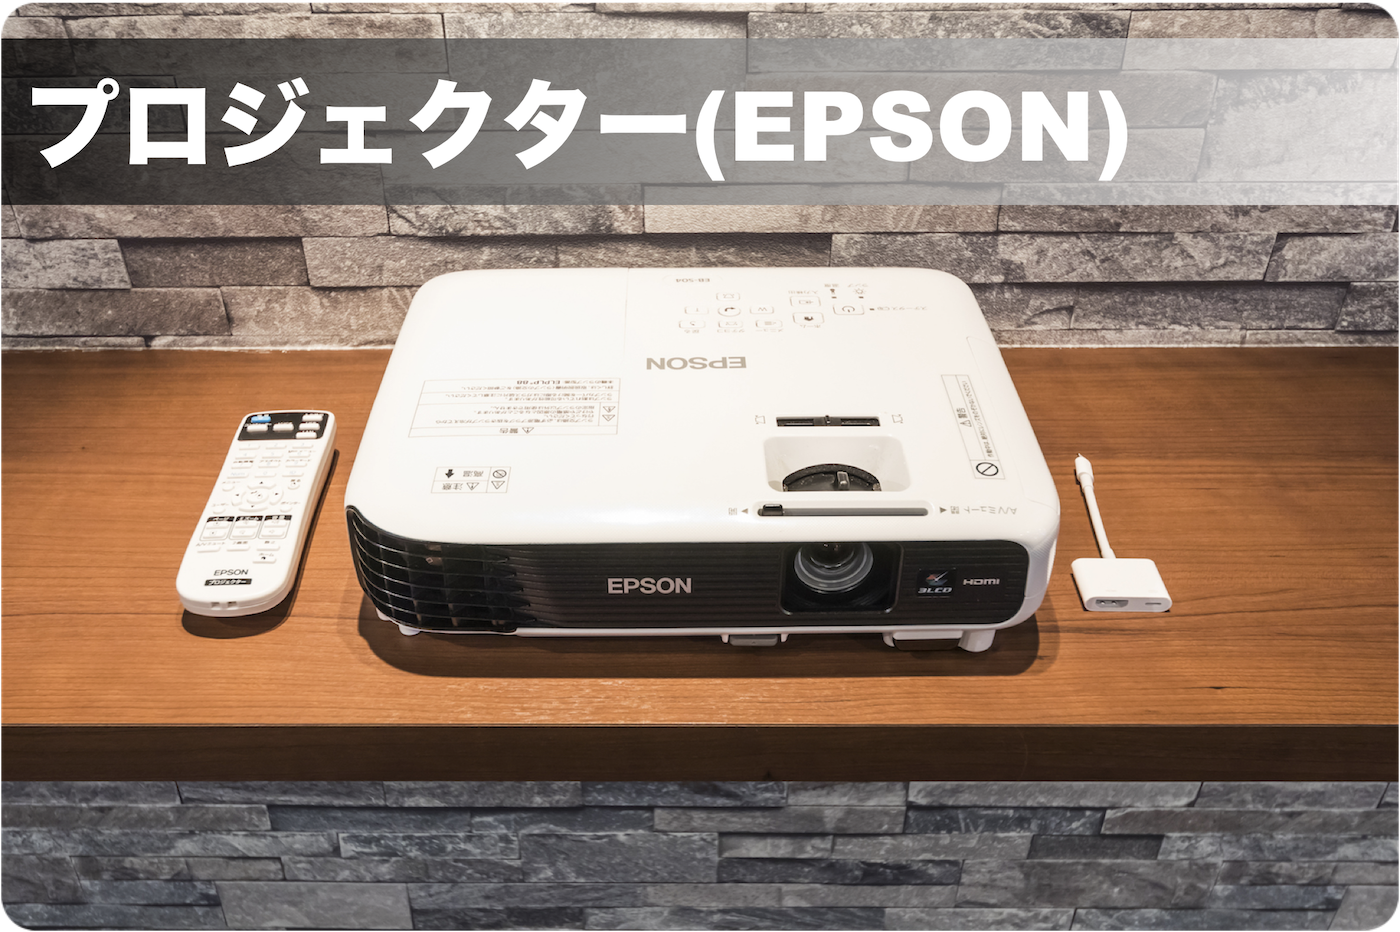 プロジェクター(EPSON)